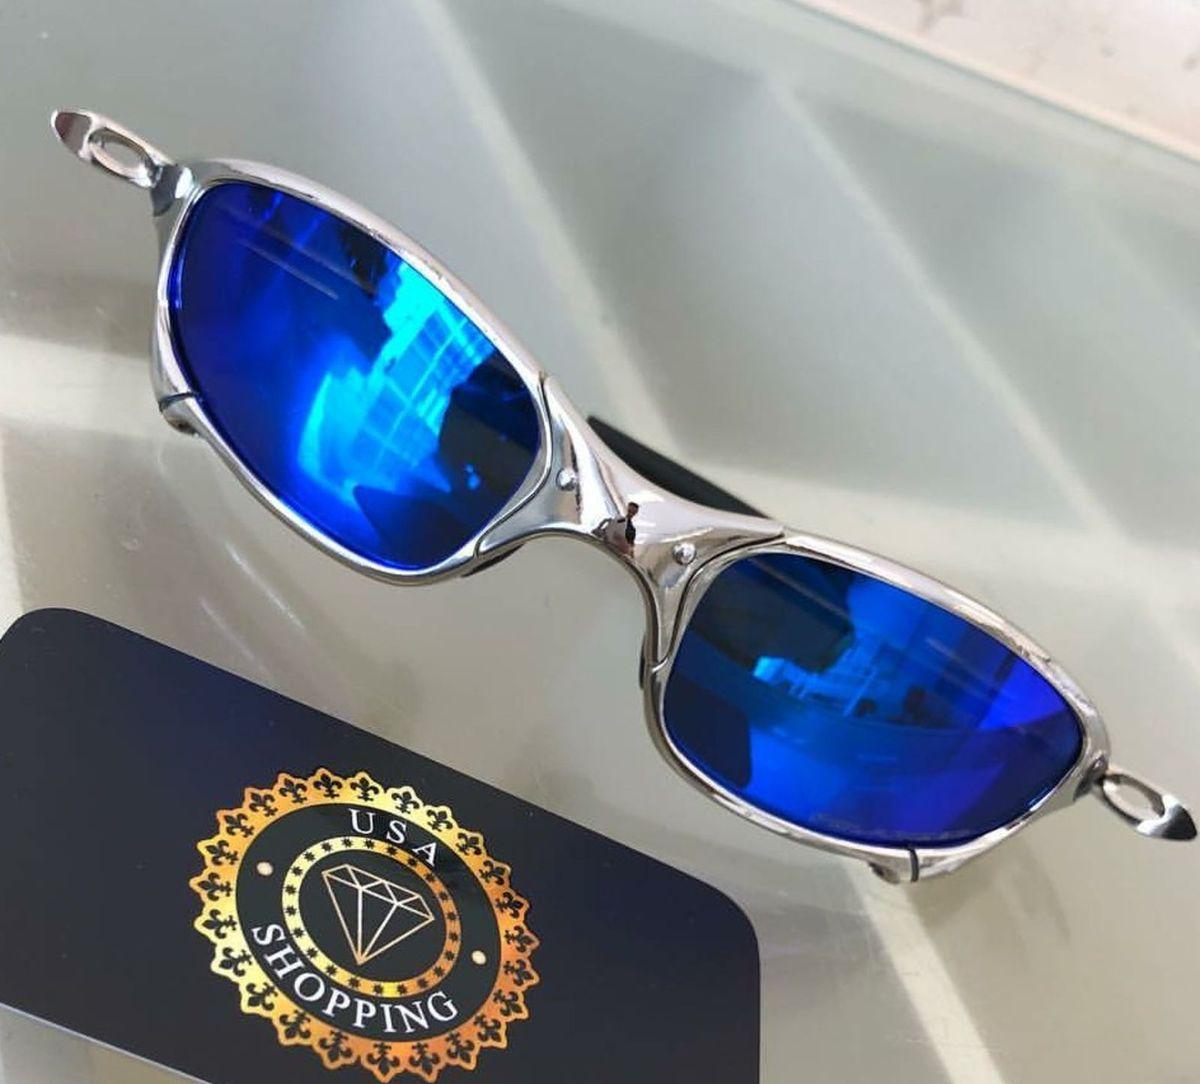 oculos oakley juliet 24k romeu 2 - óculos oakley.  Czm6ly9wag90b3muzw5qb2vplmnvbs5ici9wcm9kdwn0cy82ntmzotkwl2ewndbjnweyndq5ytlknda1mmniytaxnduynzezyte5lmpwzw 2d1ef21742